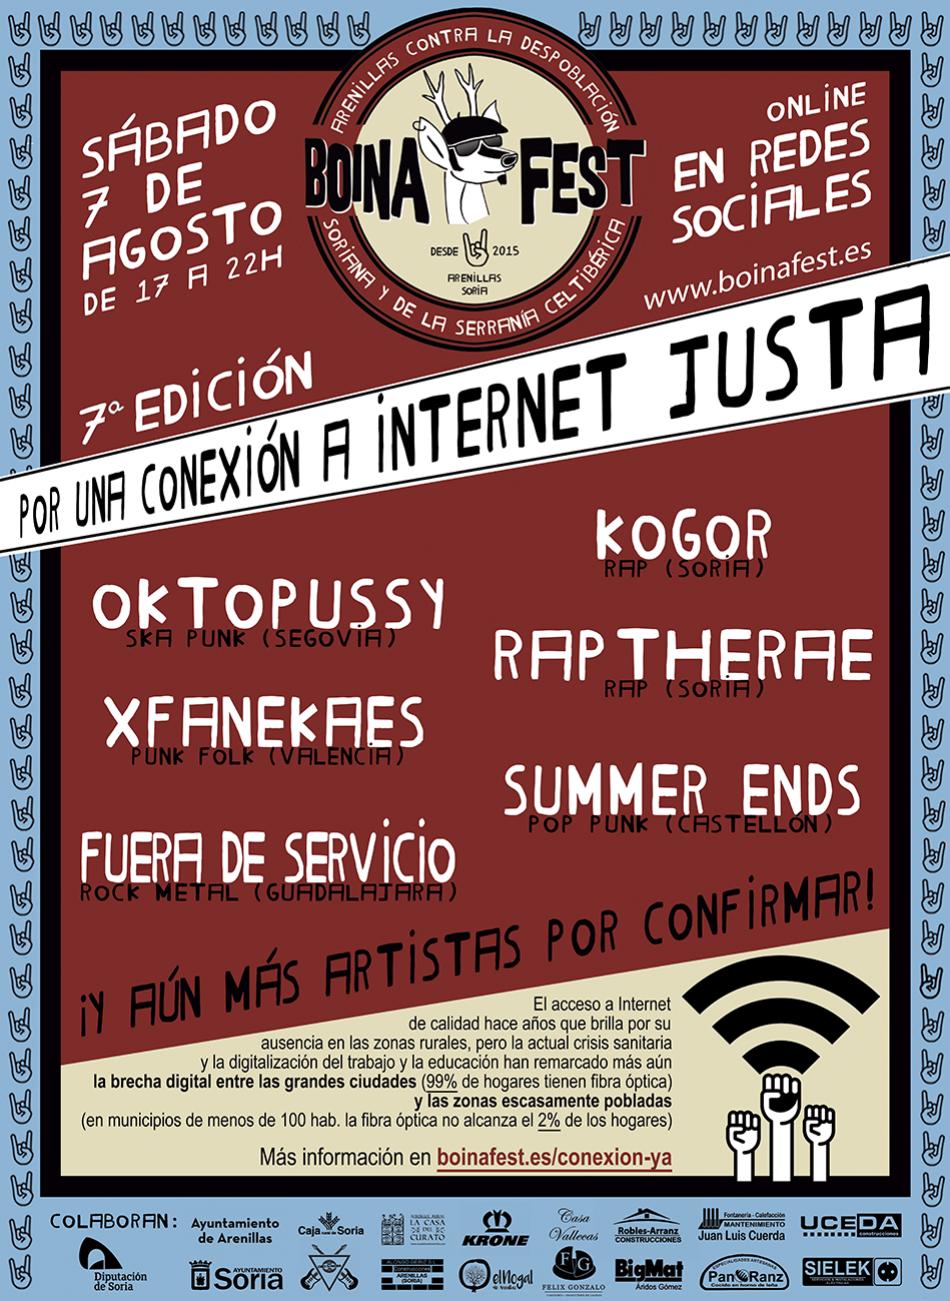 Oktopussy, XFanekaes, Kogor, Raptherae, Summer Ends y Fuera de servicio se unen al Boina Fest en su lucha contra la despoblación y por una conexión a Internet justa